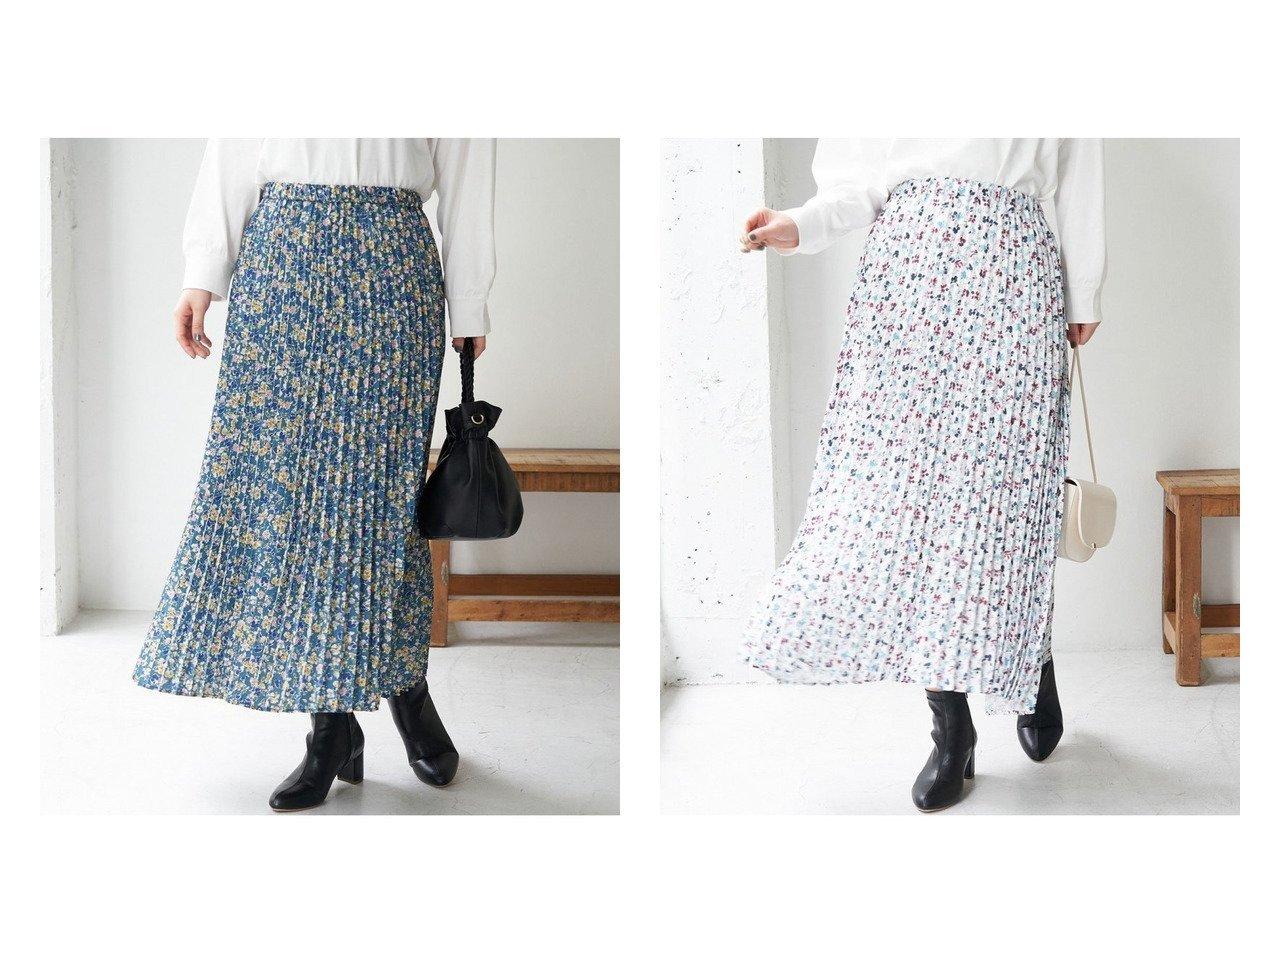 【ROPE' PICNIC/ロペピクニック】のフラワープリントプリーツスカート ROPEのおすすめ!人気、トレンド・レディースファッションの通販  おすすめで人気の流行・トレンド、ファッションの通販商品 メンズファッション・キッズファッション・インテリア・家具・レディースファッション・服の通販 founy(ファニー) https://founy.com/ ファッション Fashion レディースファッション WOMEN スカート Skirt プリーツスカート Pleated Skirts ギャザー タイツ フラワー プリント プリーツ ポケット リラックス ロング 冬 Winter 春 Spring 秋 Autumn/Fall |ID:crp329100000017850